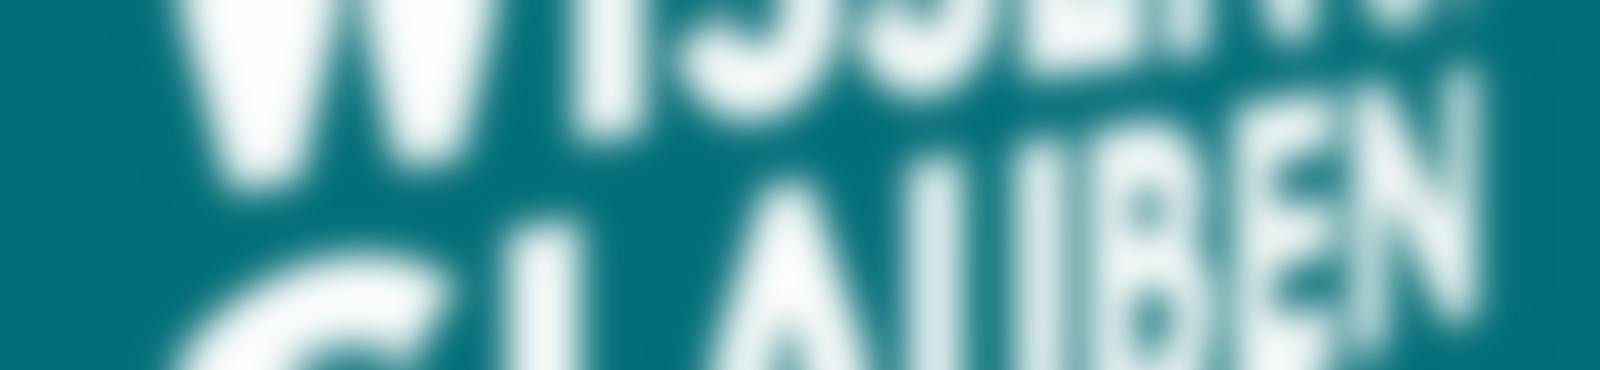 Blurred caa1863d 289c 442d 84bf 6814f2c05abc